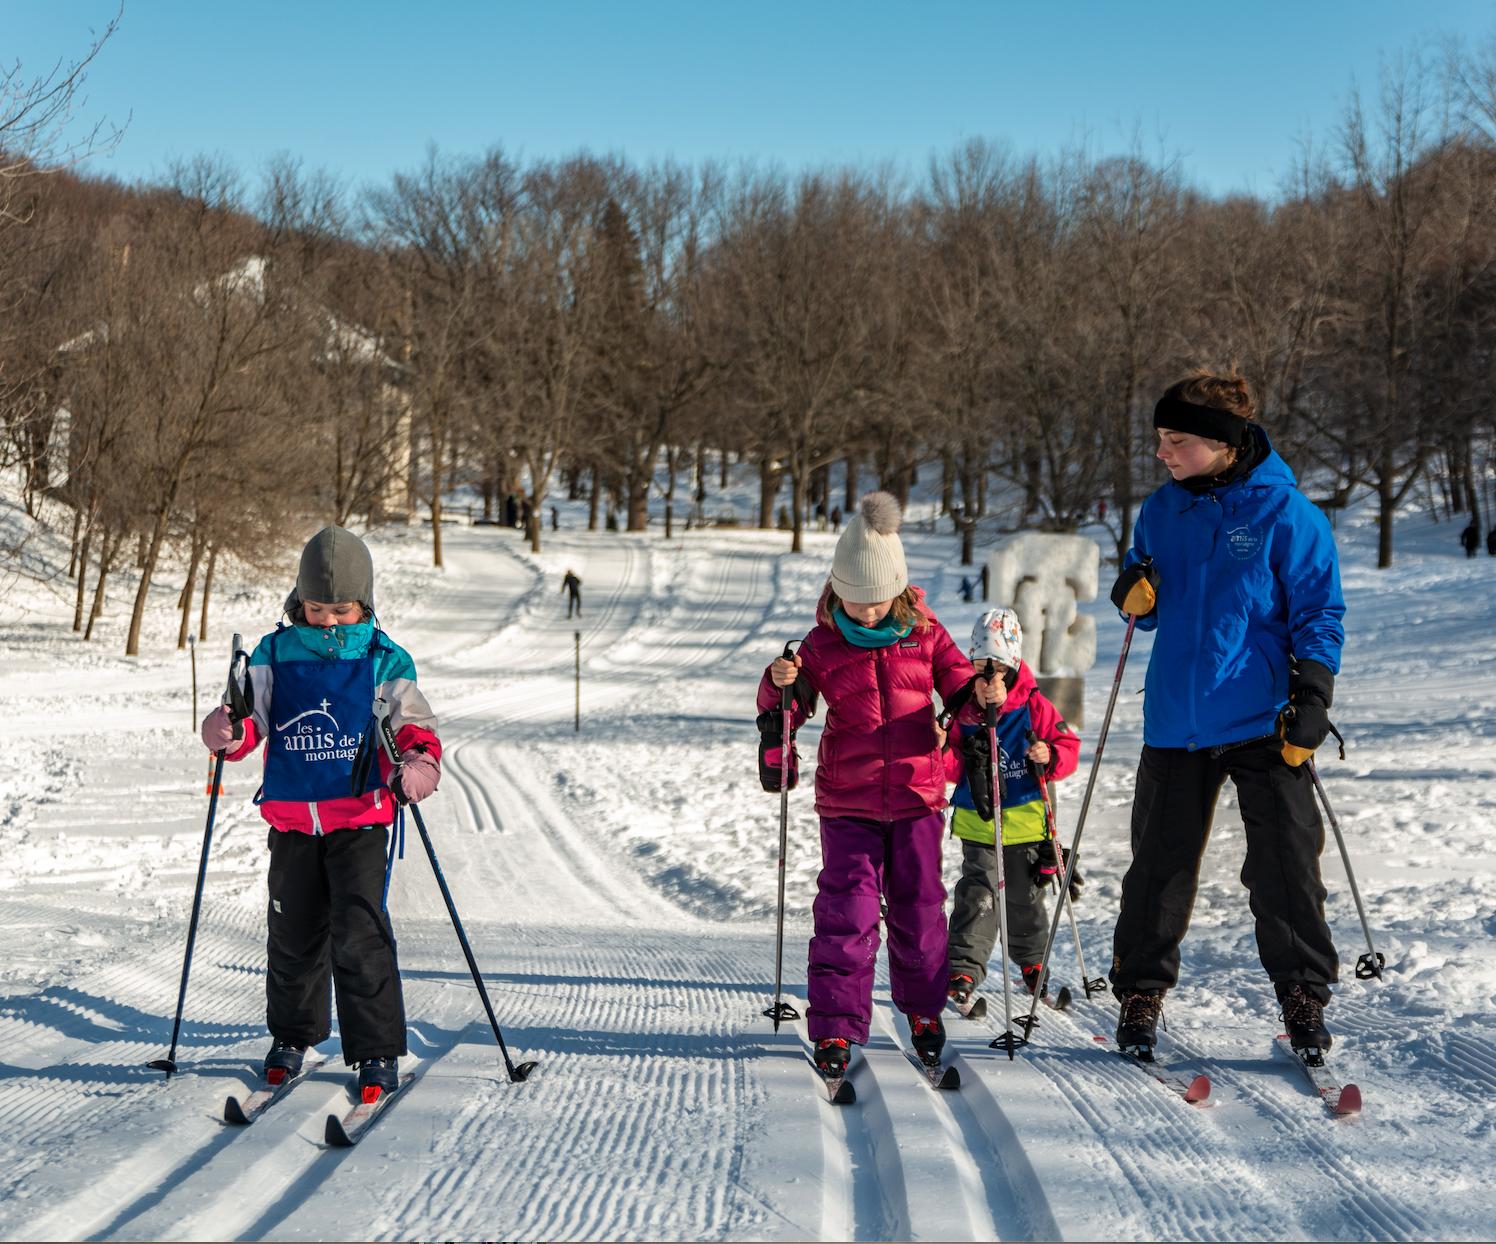 Réservez vos raquettes et skis en ligne